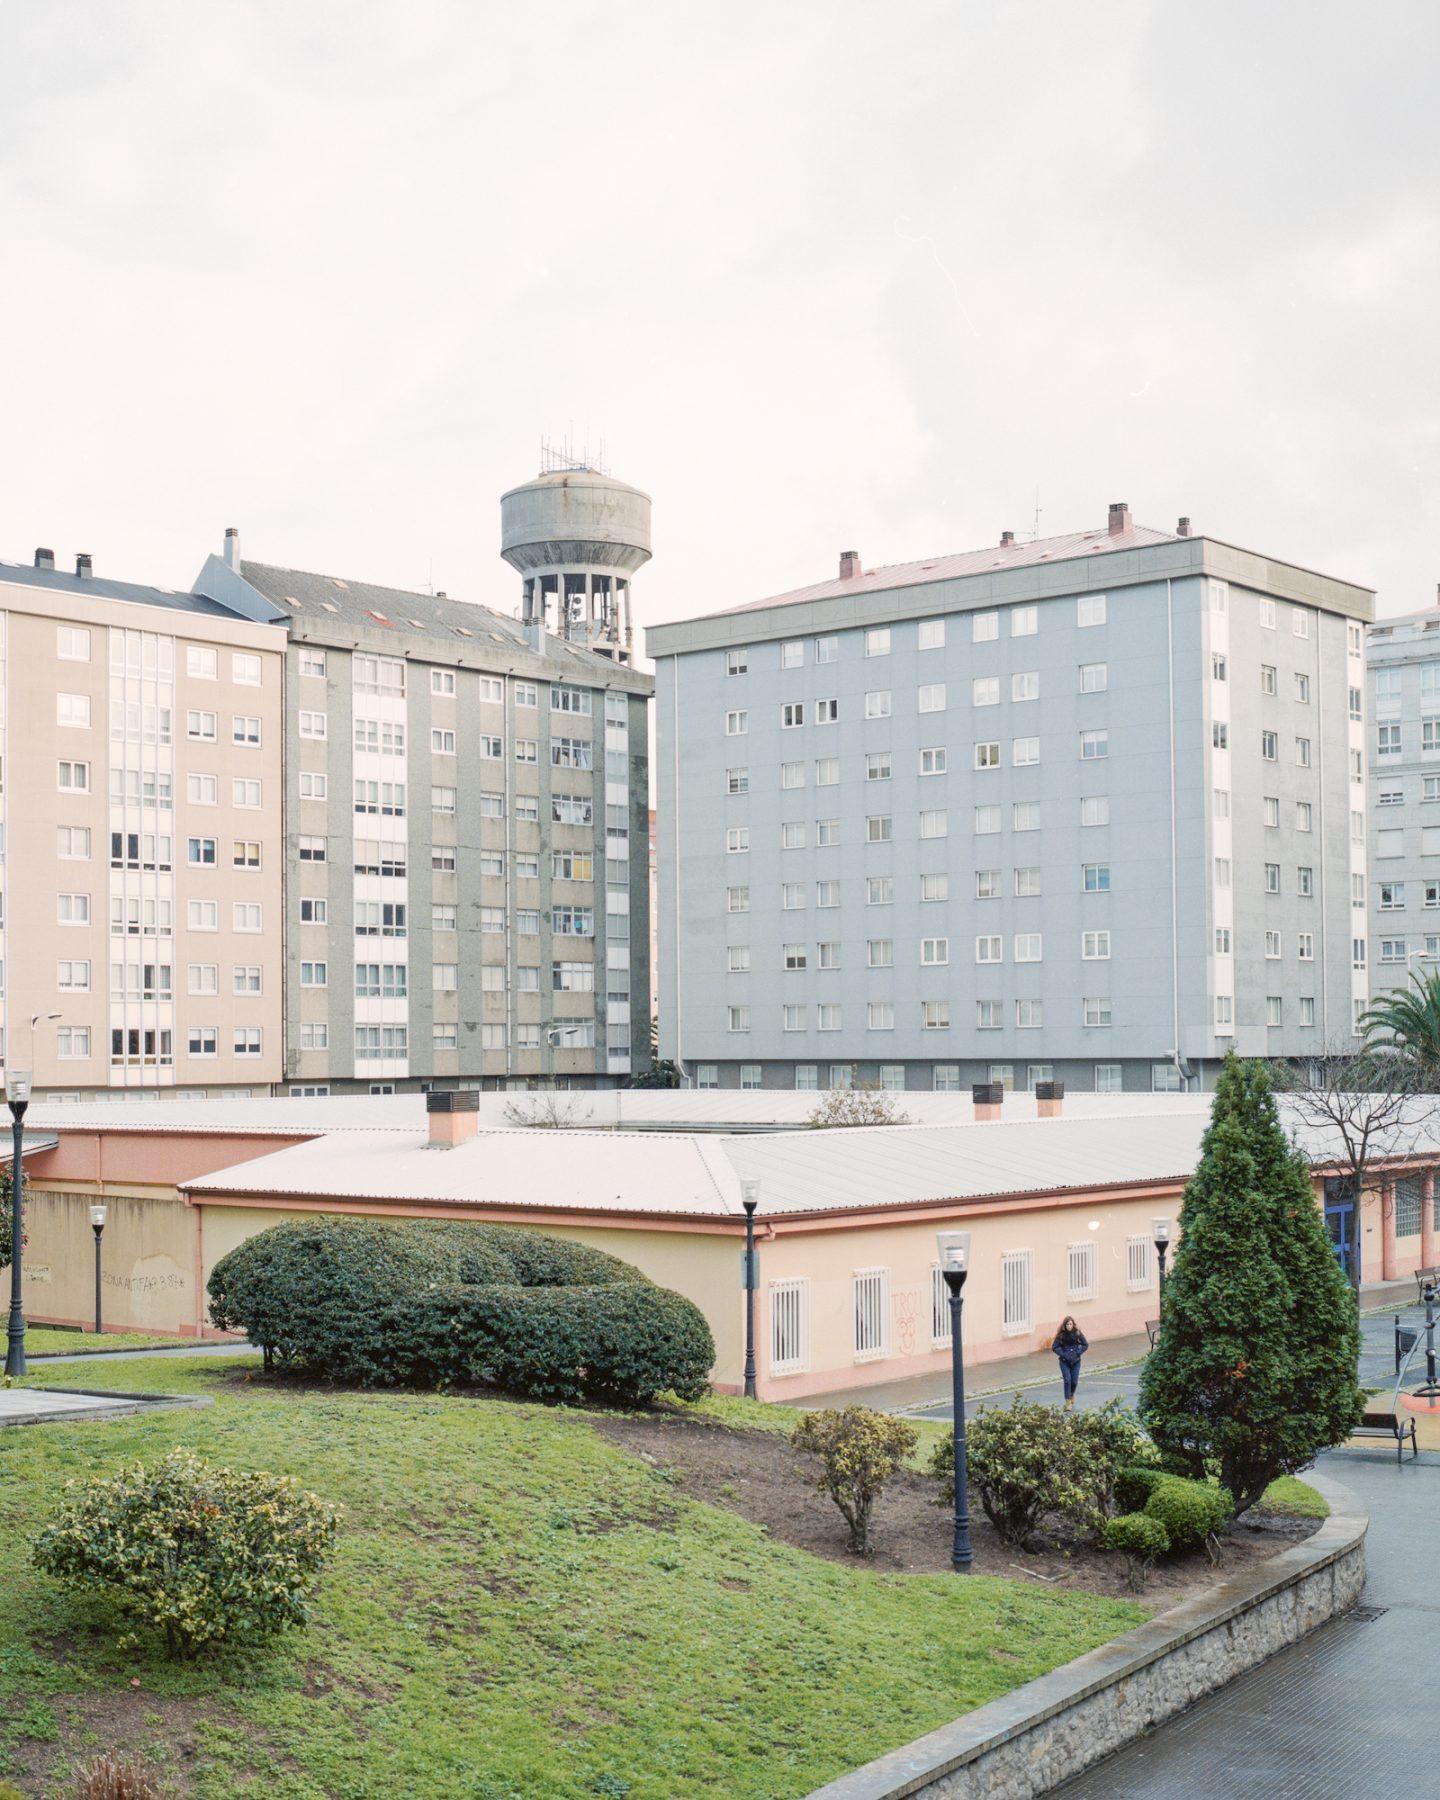 IGNANT-Photography-Pawel-Jaskiewicz-A-Coruna-020